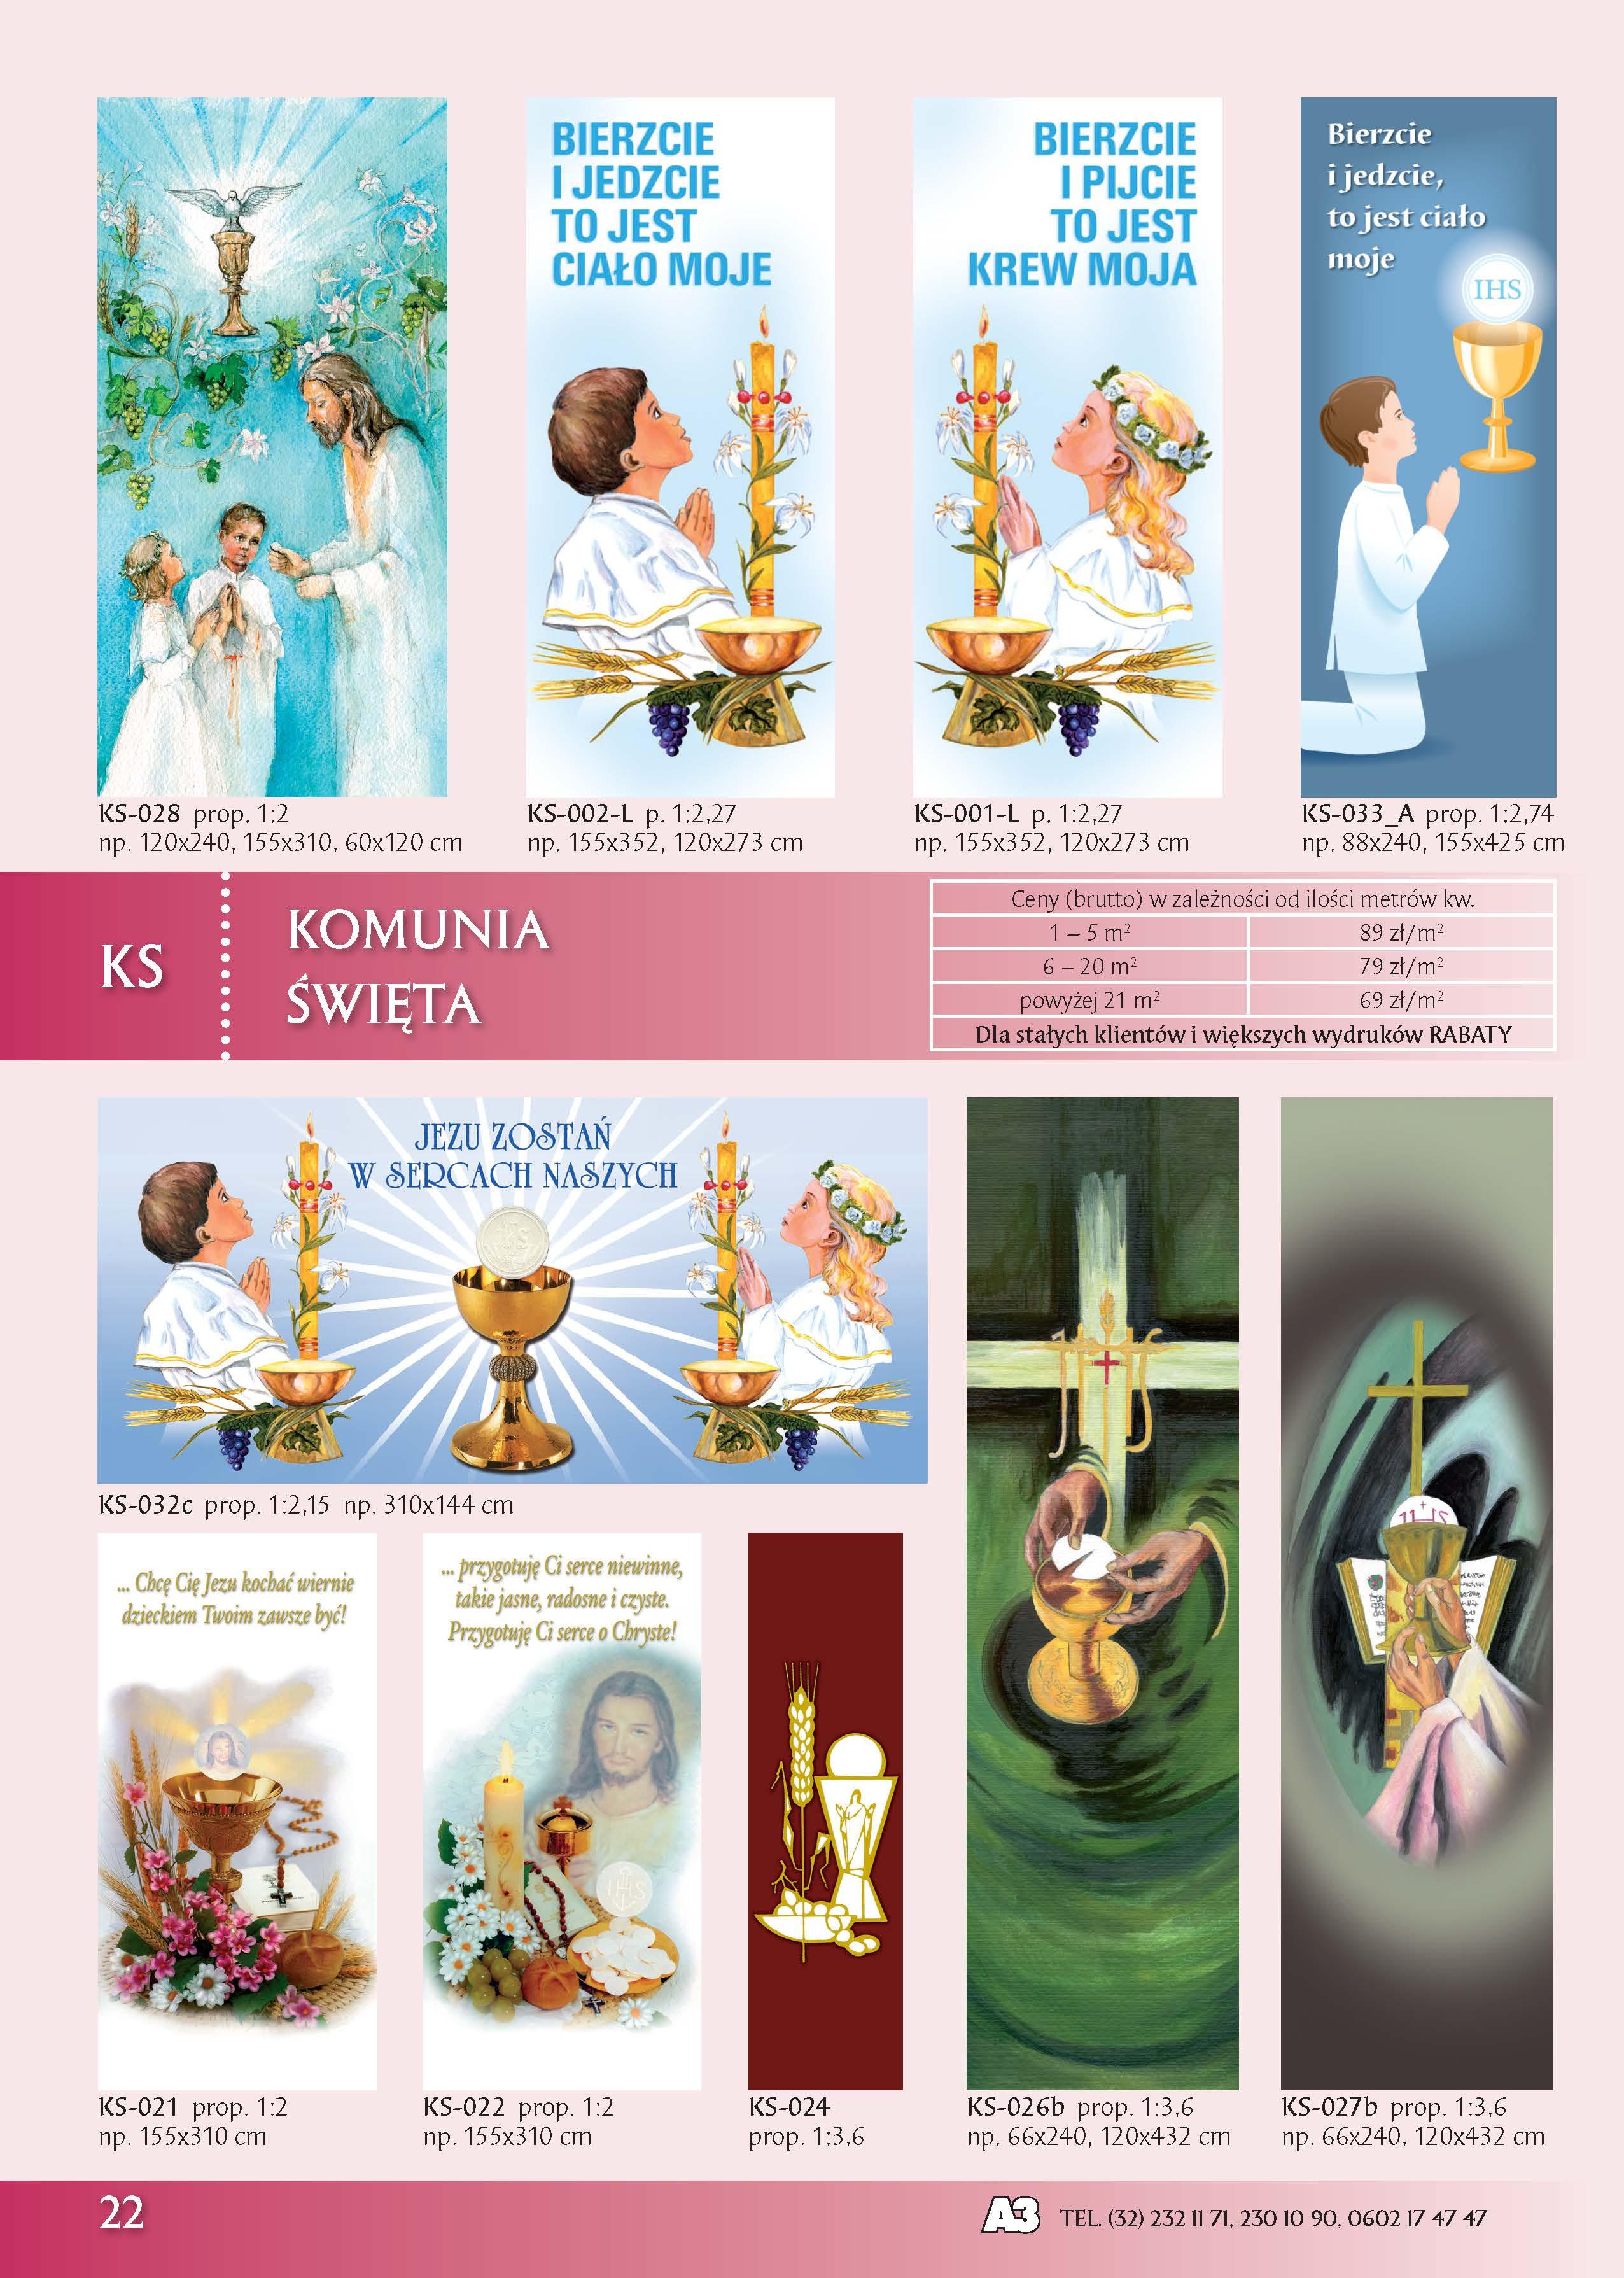 Banery kościelne na komunię świętą